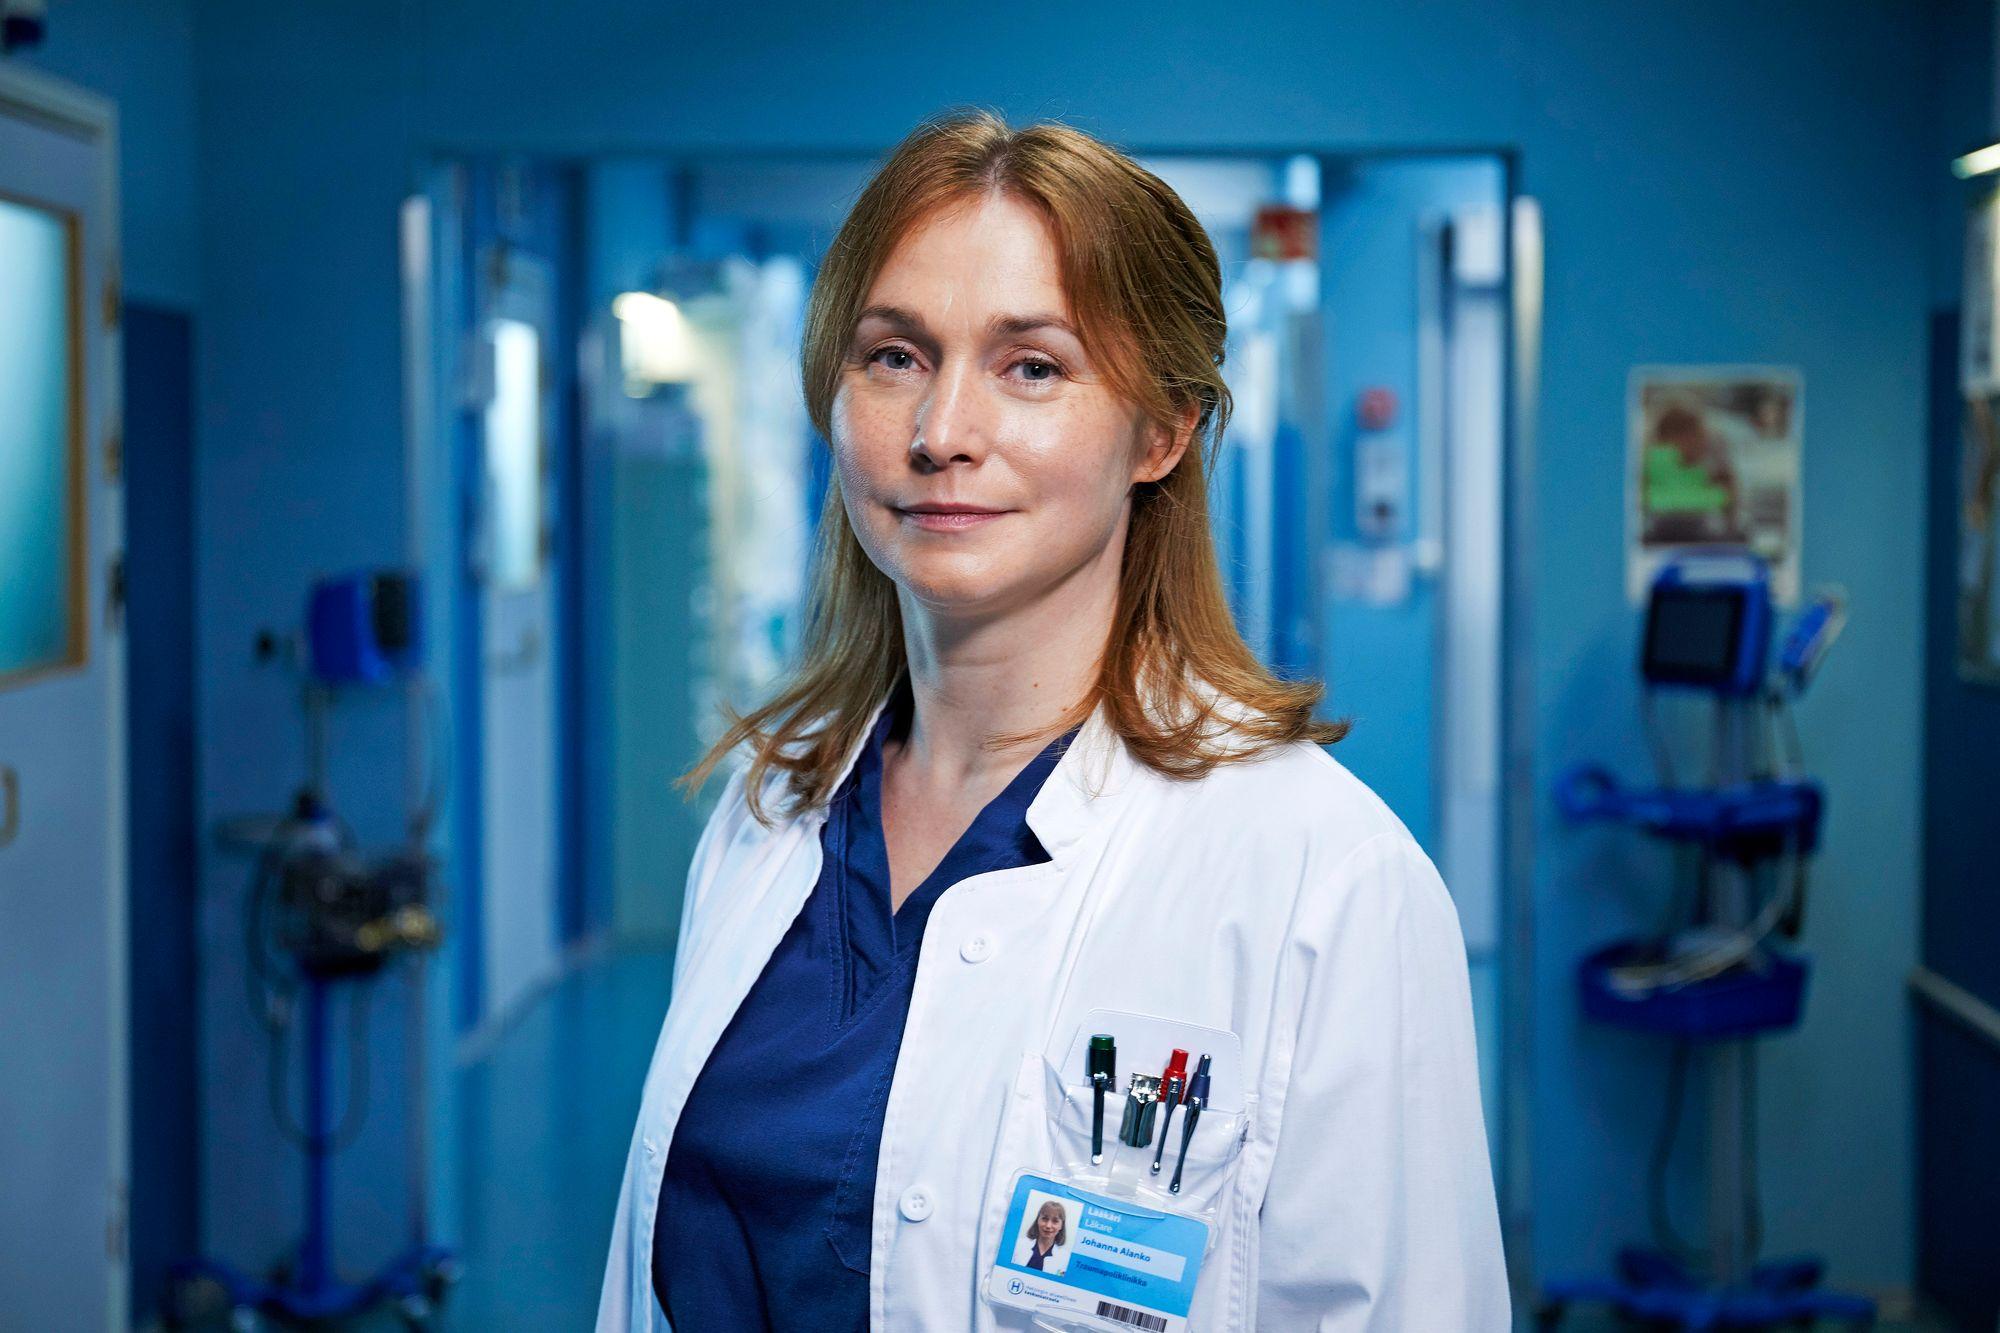 """Siviilissä näyttelijä Leena Pöystiä ei sekoiteta Sykkeen roolihahmoon – ja ehkä hyvä niin. """"En usko, että kukaan tulisi kysymään minulta edes laastaria"""", roolistaan nauttiva Pöysti naurahti. © Numi Nummelin/Nelonen"""